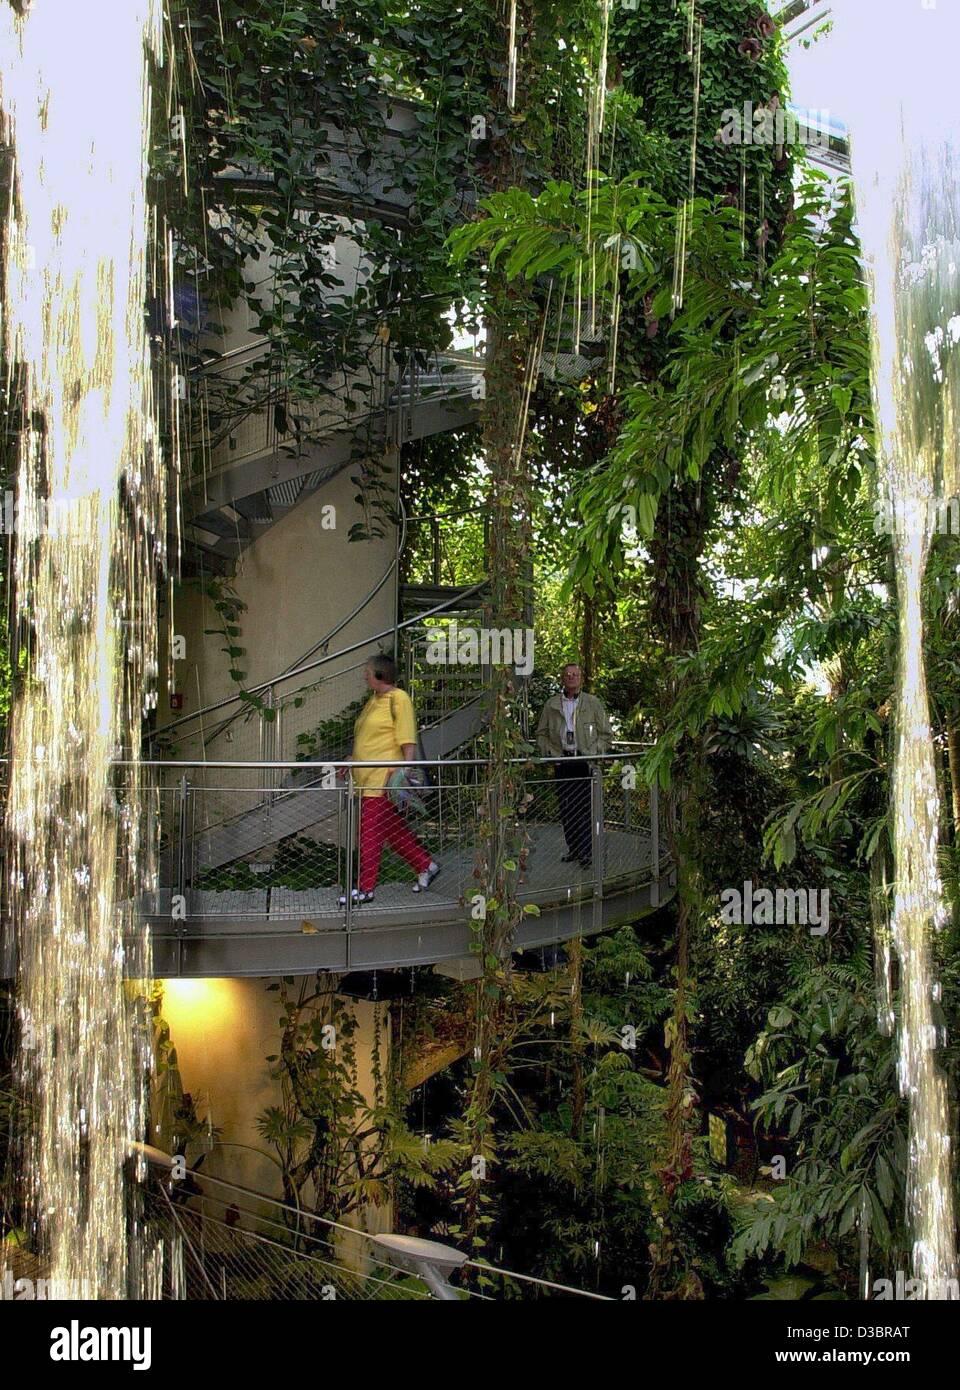 (Dpa) - visitatori a piedi passato cascate e alberi ad alto fusto e piante all'interno della foresta pluviale Immagini Stock